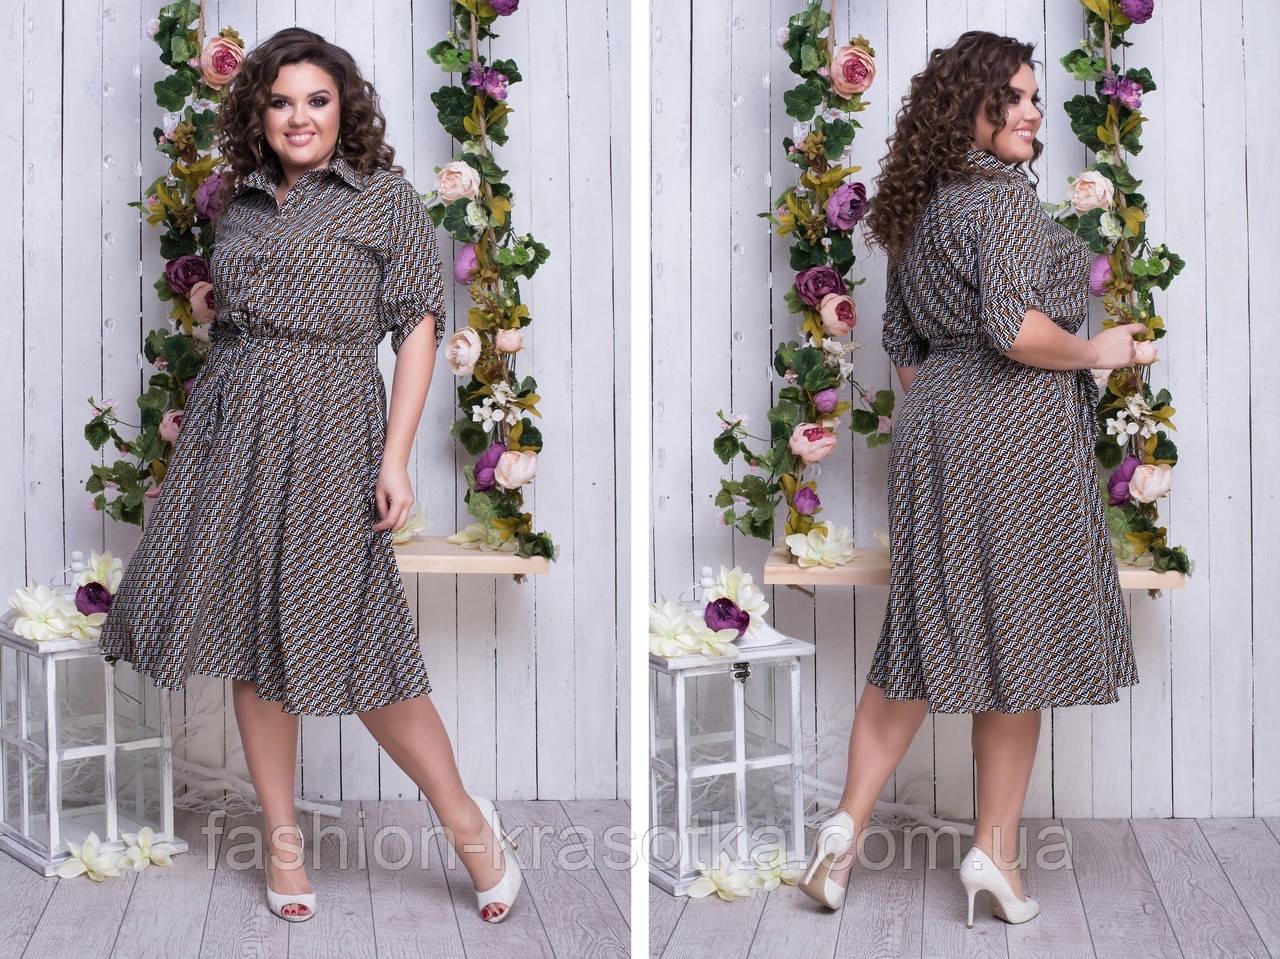 Женское платье легкое,ткань супер софт,размеры: 48,50,52,54.